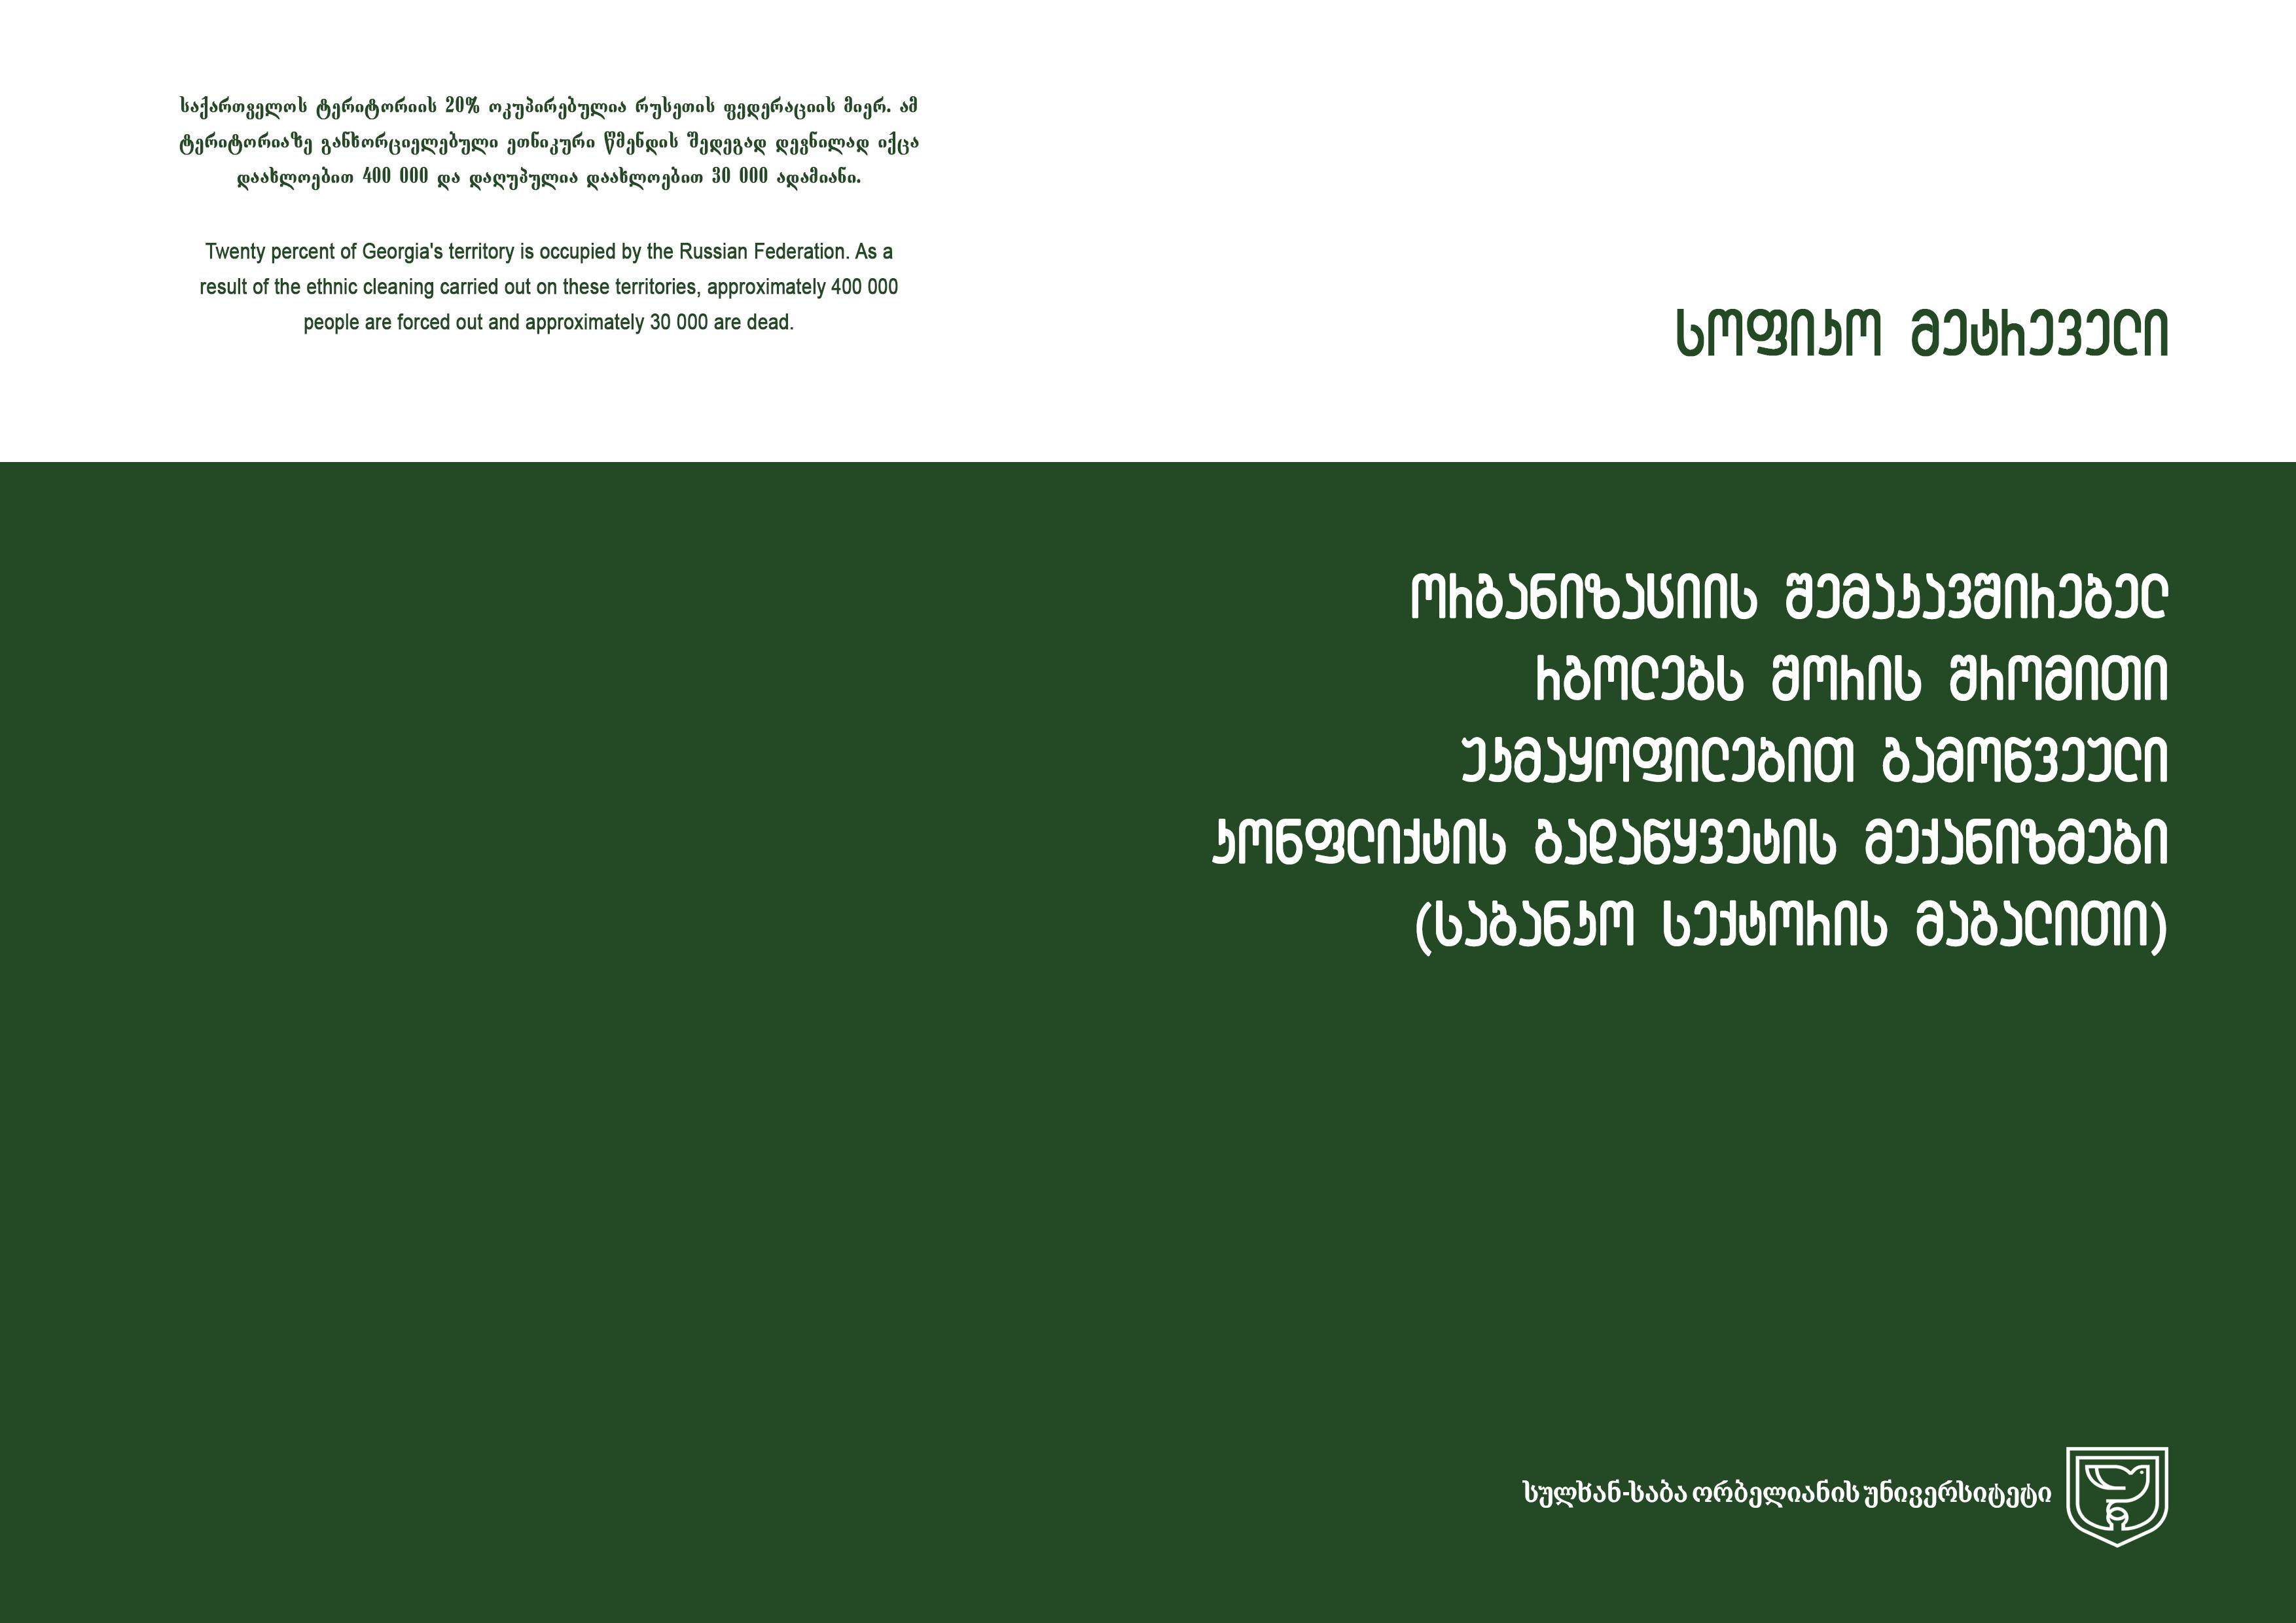 სოფიკო მეტრეველი  - ორგანიზაციის შემაკავშირებელ რგოლებს შორის შრომითი უკმაყოფილებით გამოწვეული კონფლიქტის გადაწყვეტის მექანიზმები (საბანკო სექტორის მაგალითი)